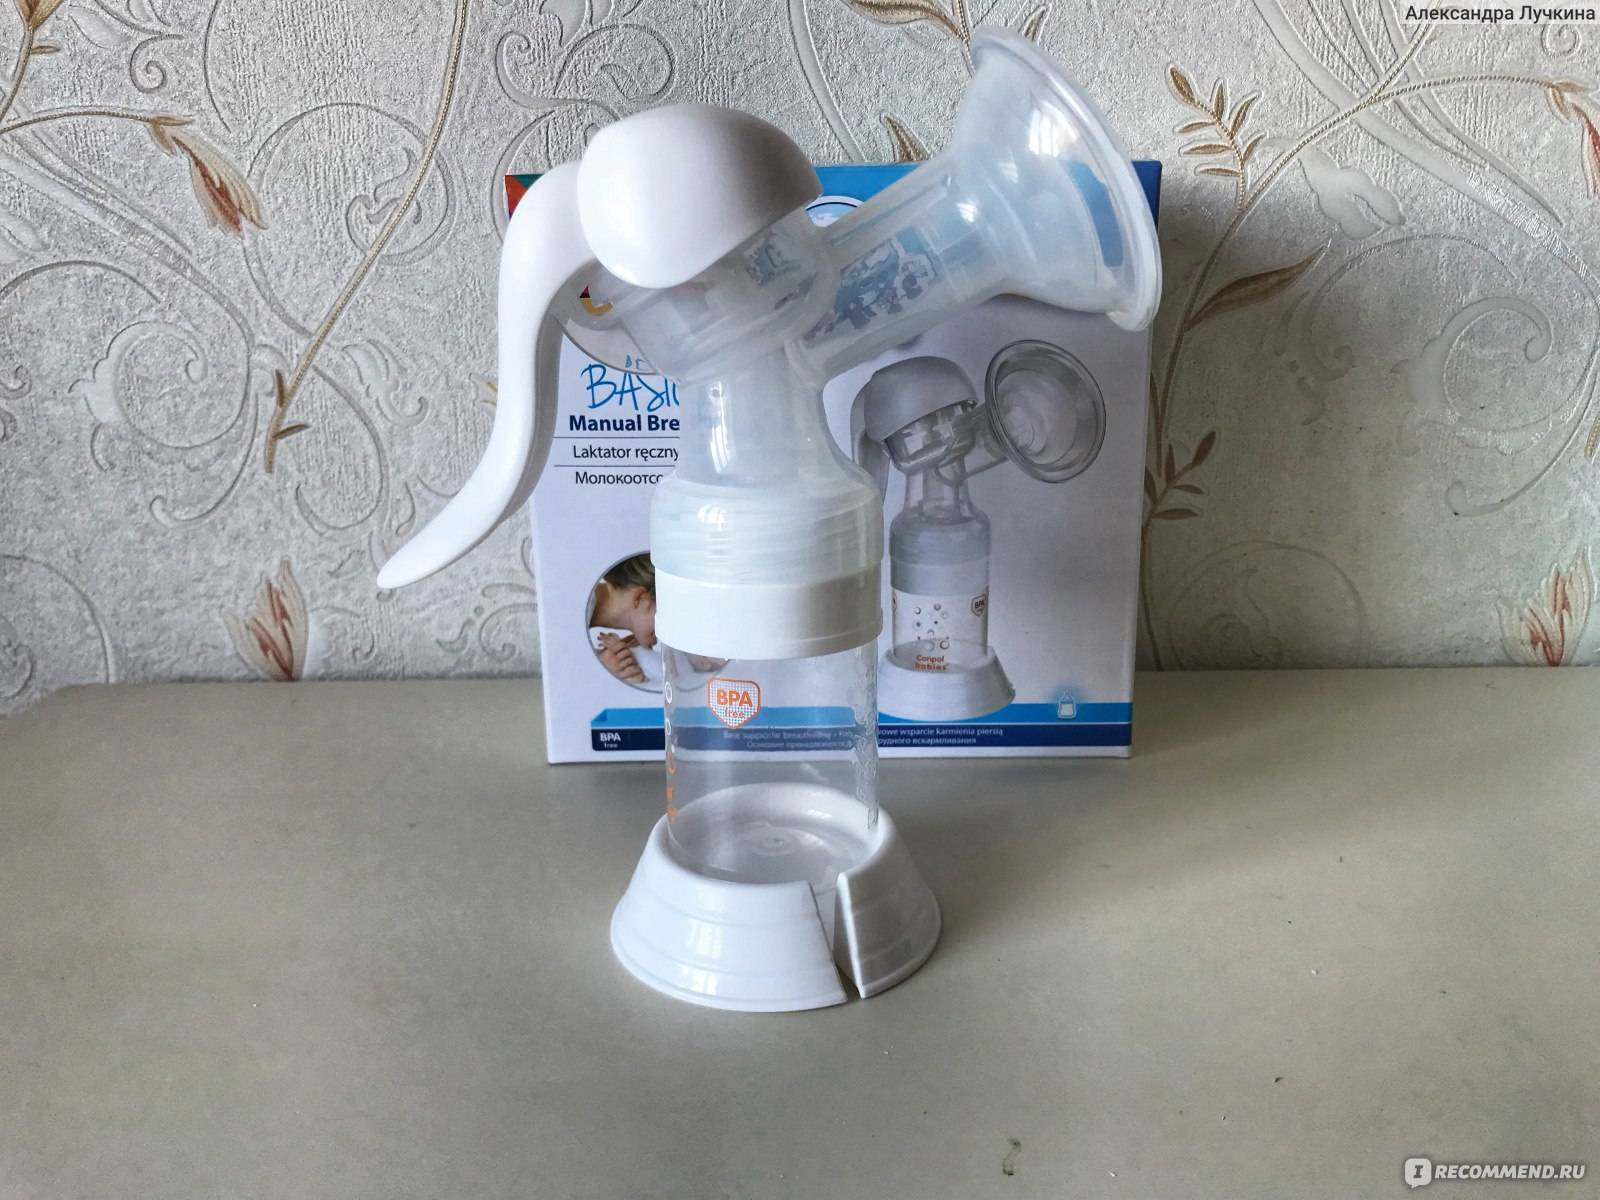 Как правильно пользоваться и собрать ручной молокоотсос, зачем он нужен